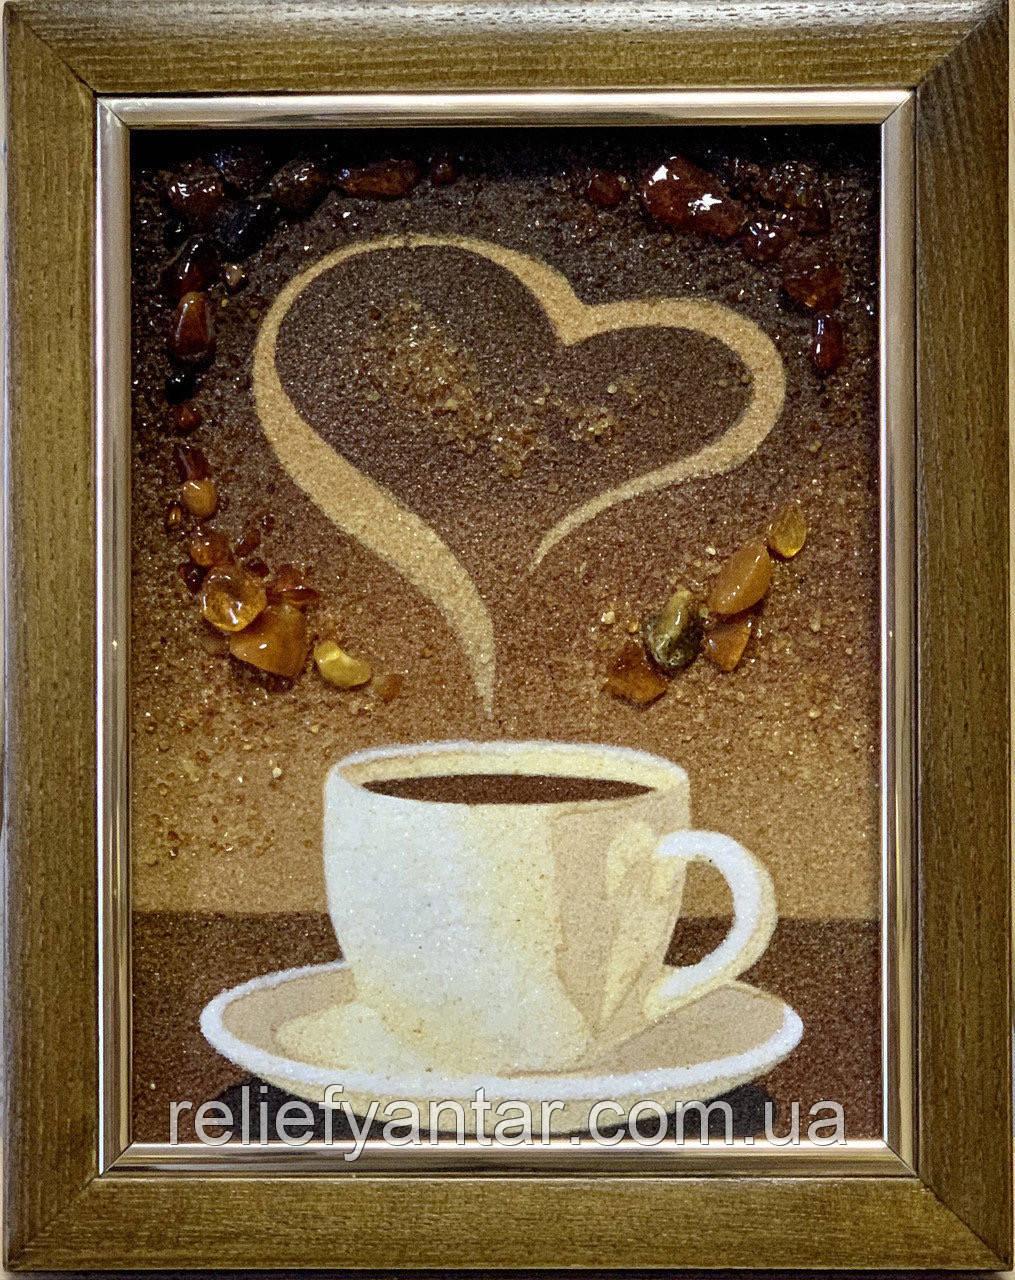 """Картина -  панно из янтаря """"Чашечка кофе"""", картина з бурштину Чашка кави 15x20 см"""